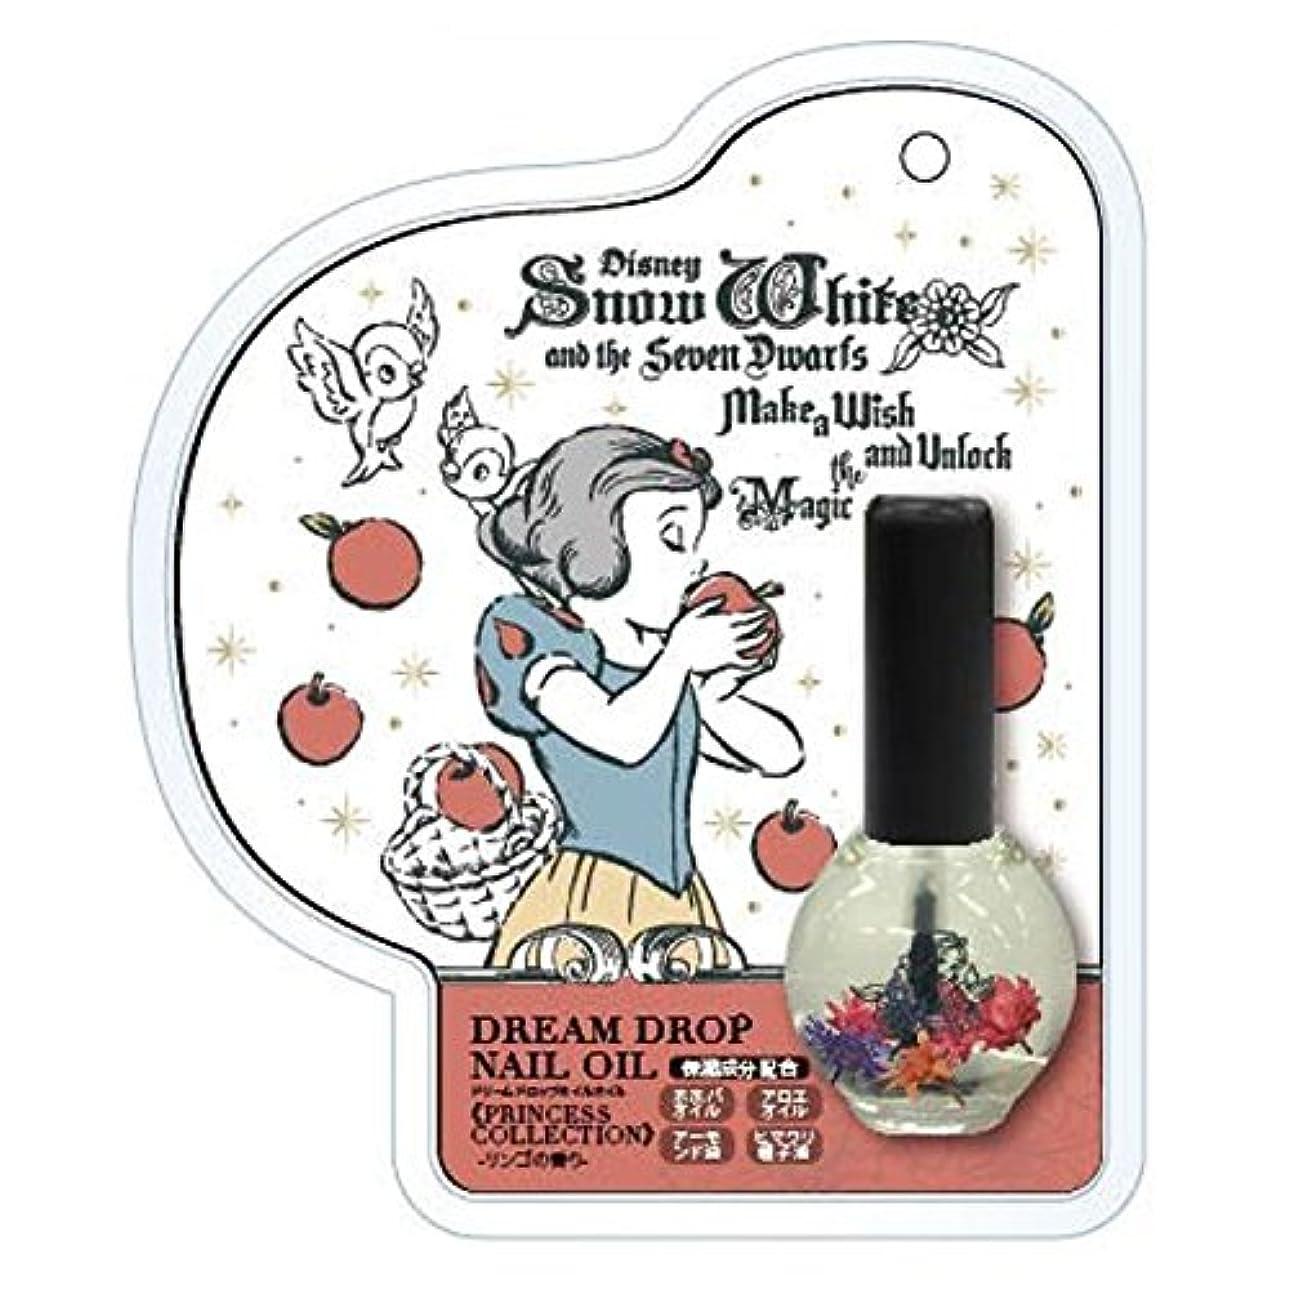 予言する覆すさびたドリームドロップネイルオイル プリンセスコレクション 白雪姫 -リンゴの香り- DN04752